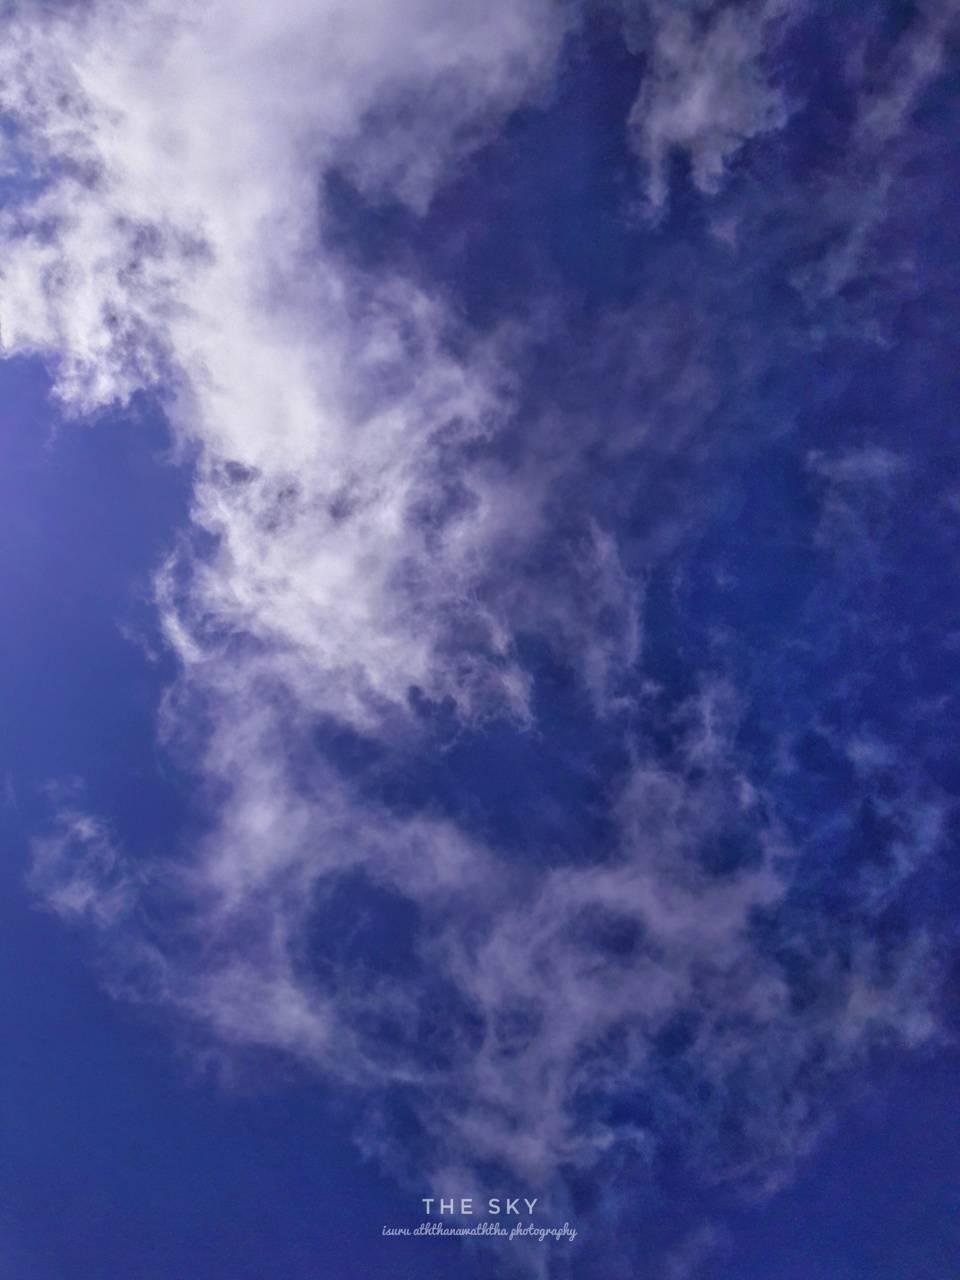 srilankan sky